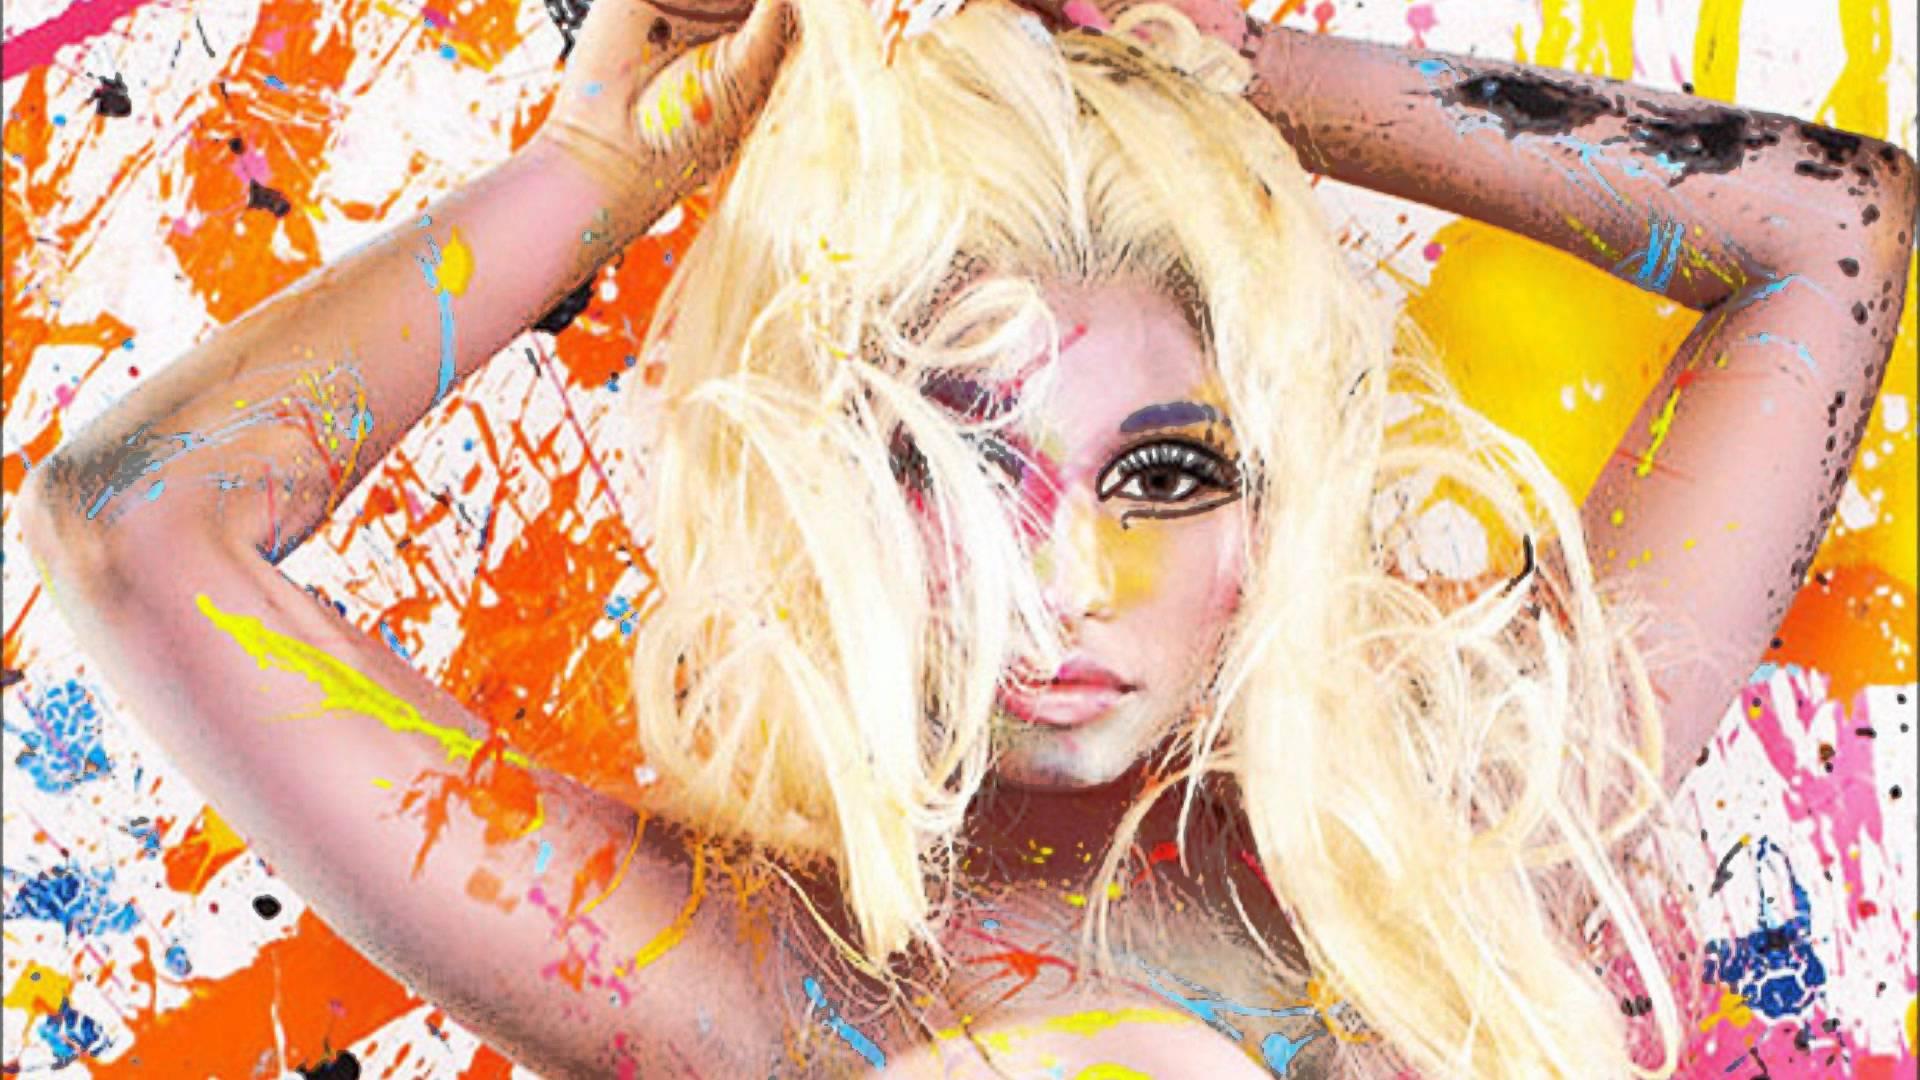 Nicki Minaj 1080p 1920x1080